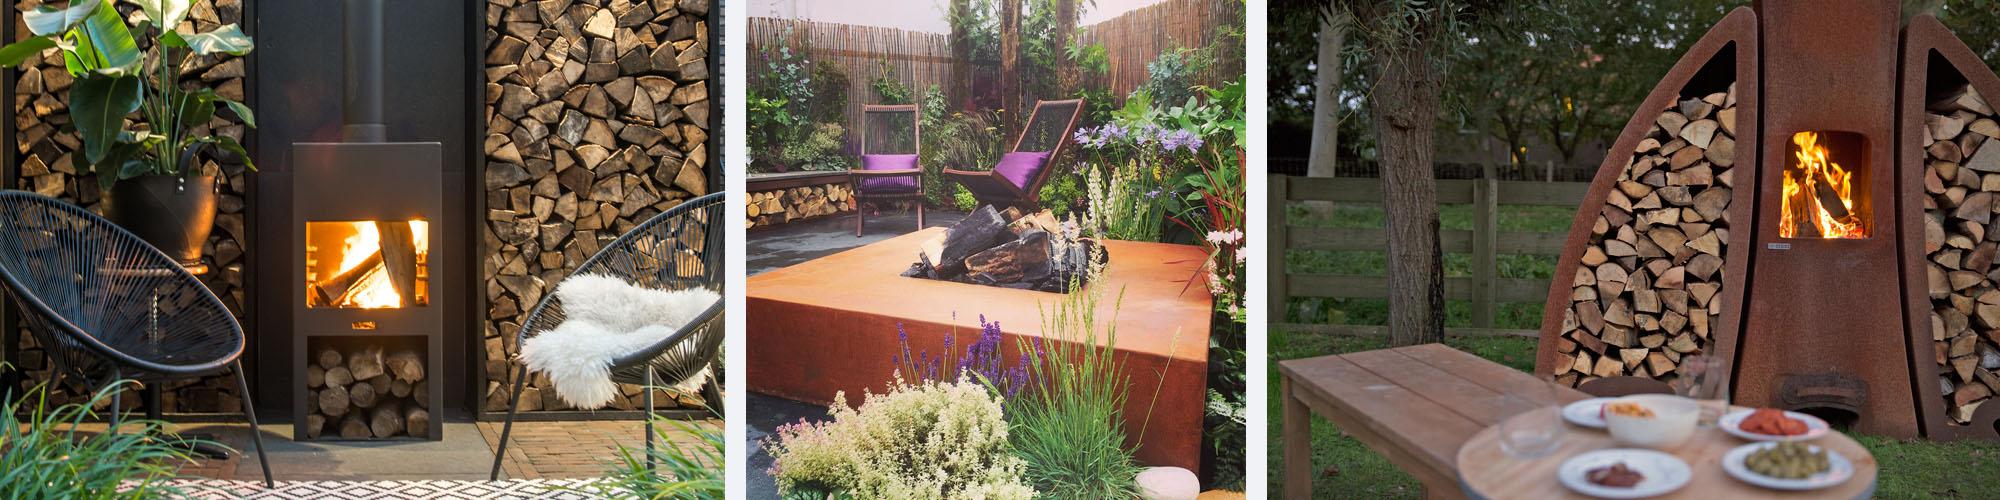 SGDeco - Tuindecoratie voor tuin, terras en balkon! banner 3